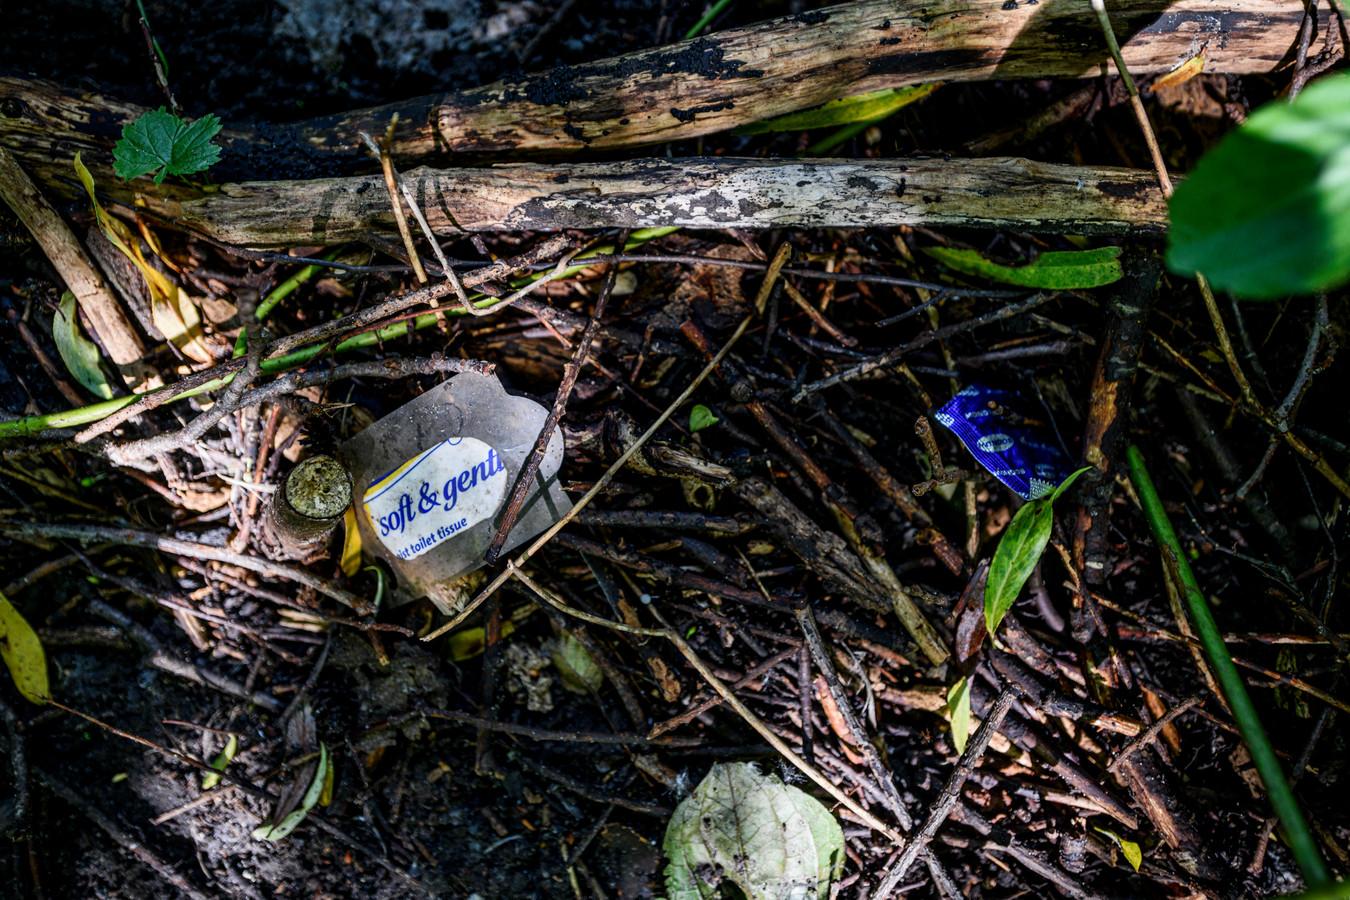 Verscholen in de bosjes liggen de resten van veilige verzetjes.